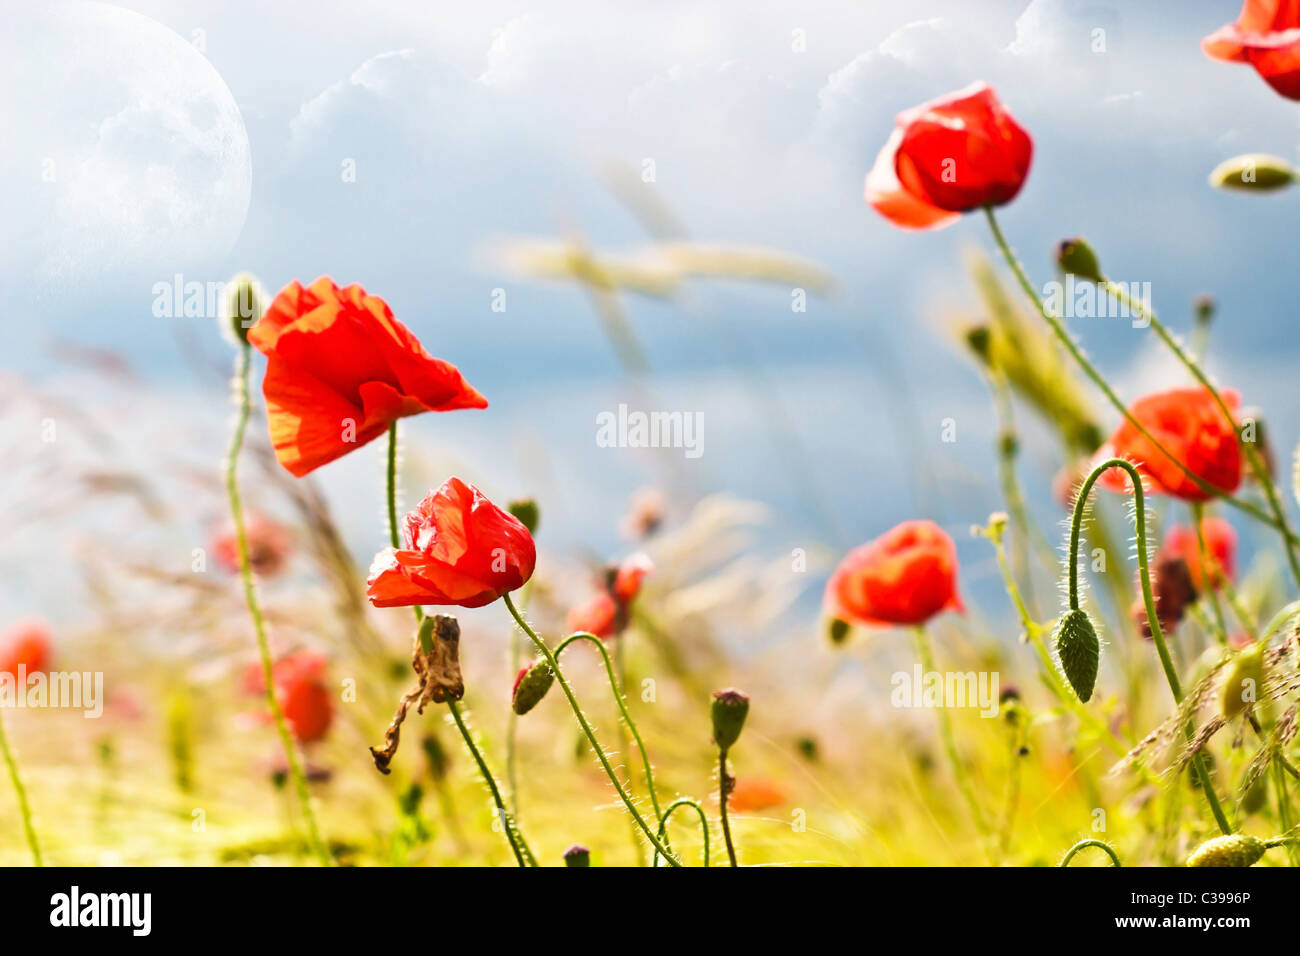 Fiori su colorfull sfondo - Foto macro Immagini Stock